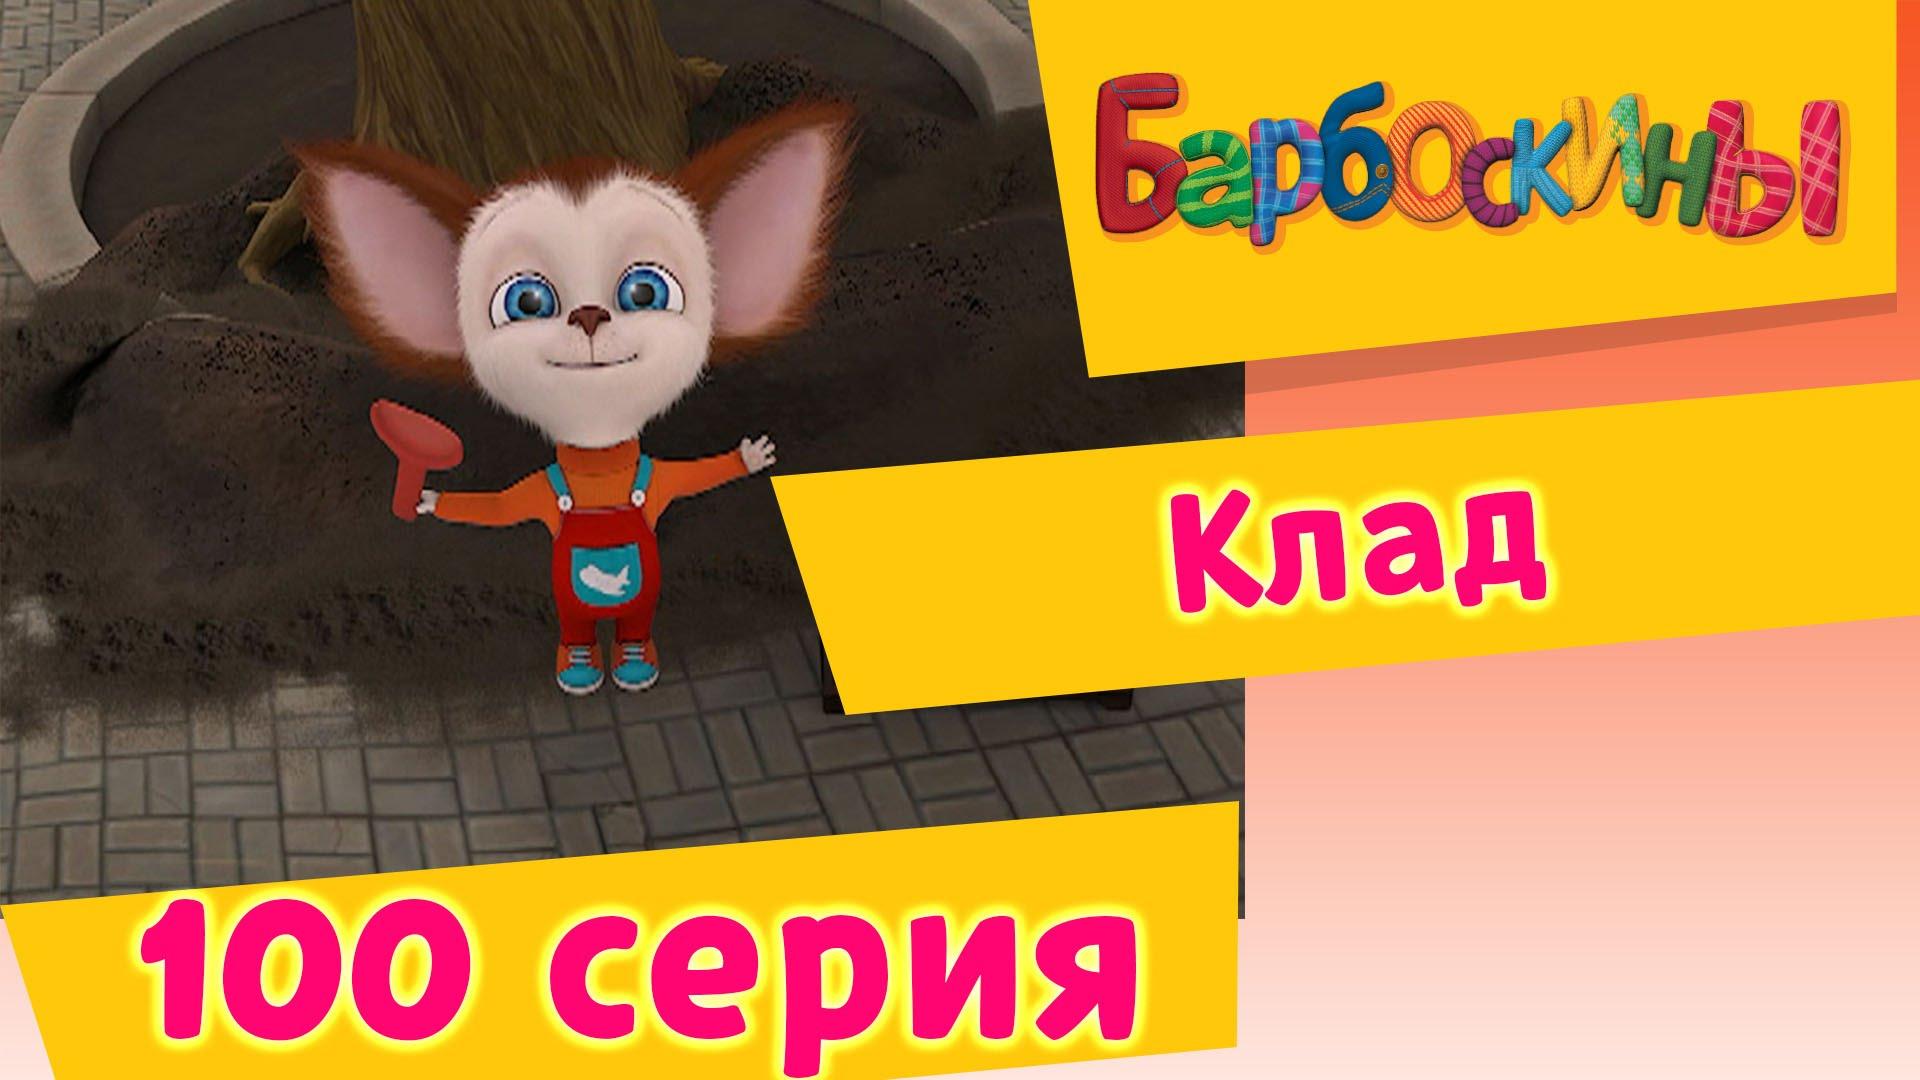 Барбоскины — 100 Серия. Клад